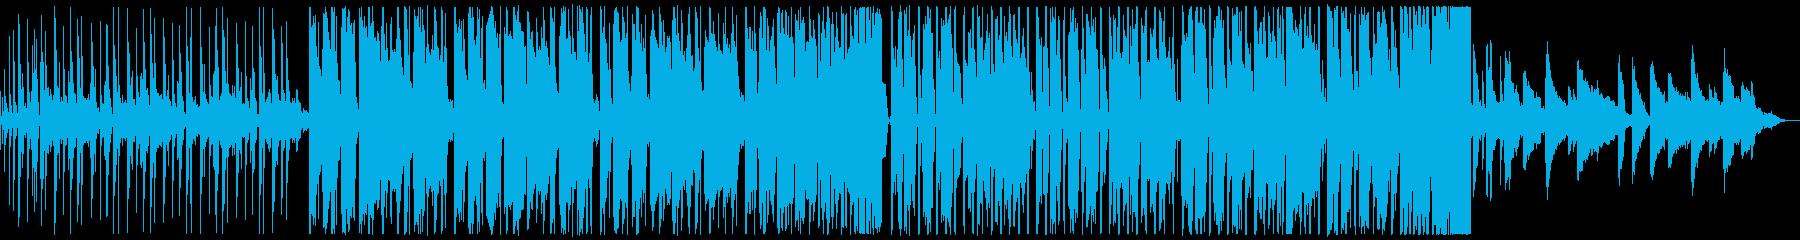 スピード感が可愛いエレクトロポップの再生済みの波形